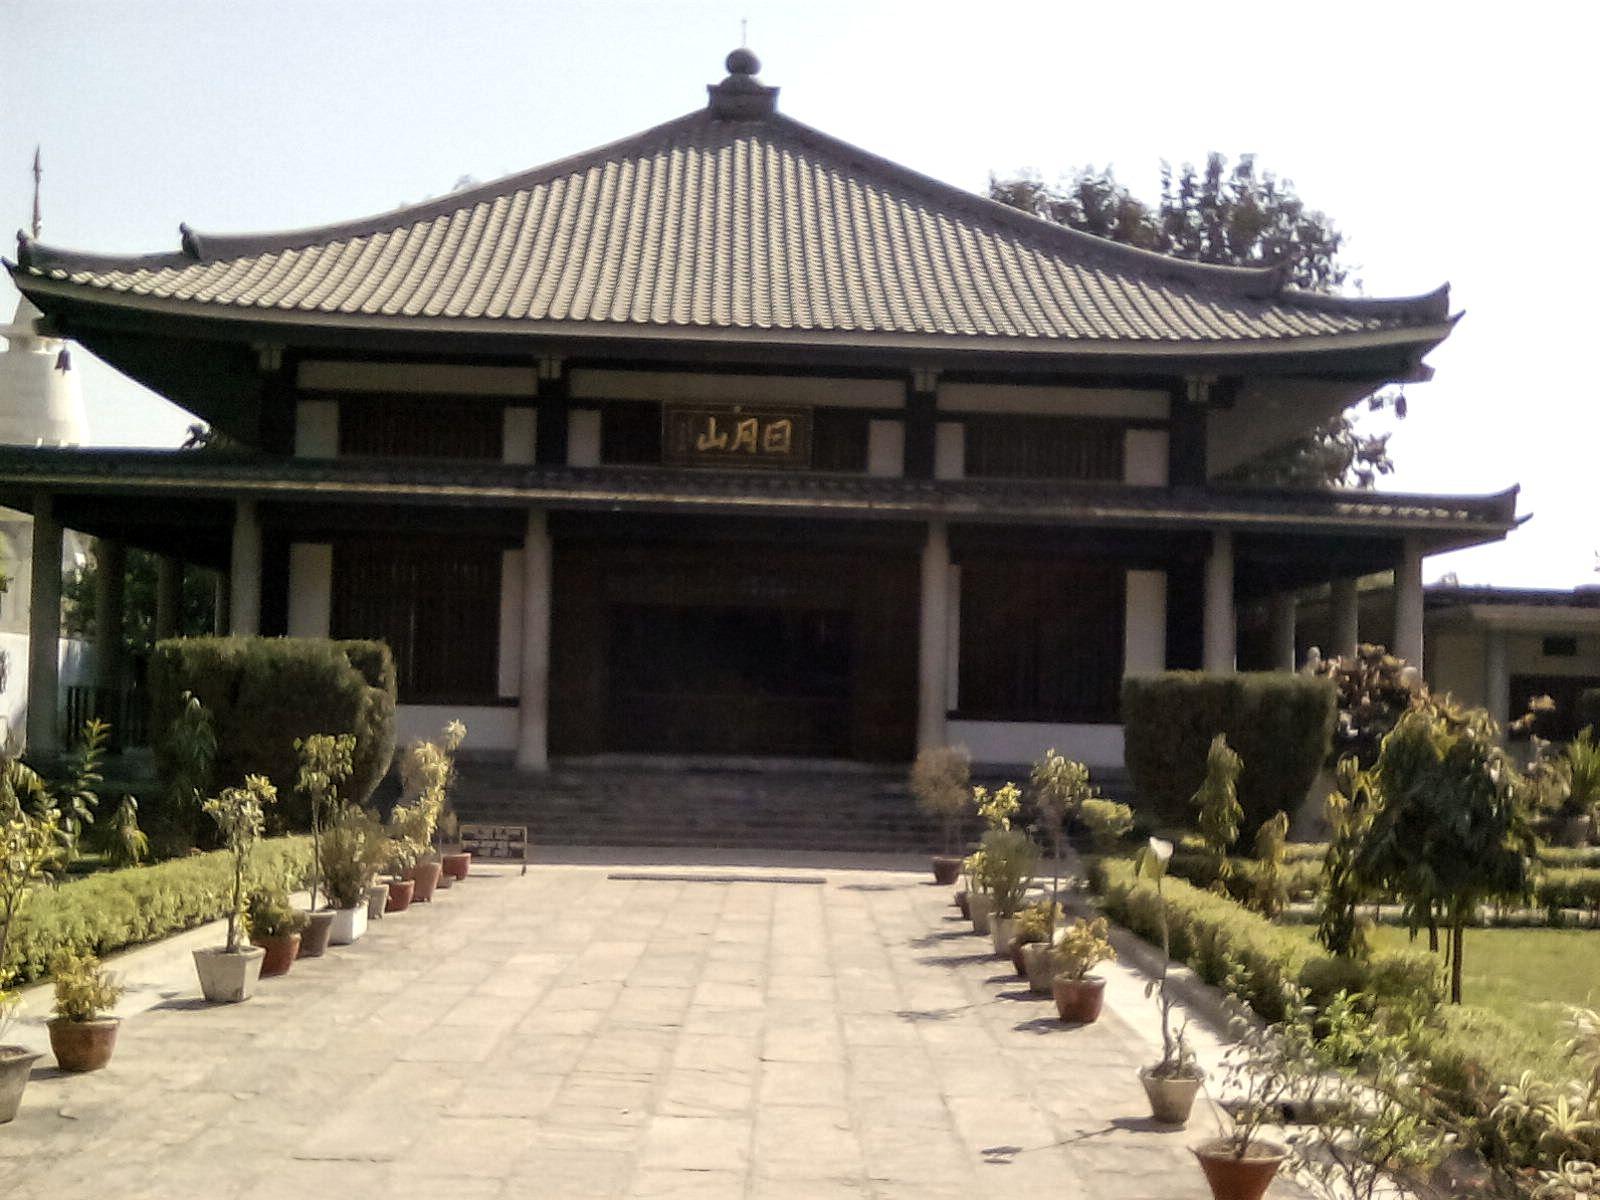 D coration bouddhiste id e inspirante pour for Decoration habitat